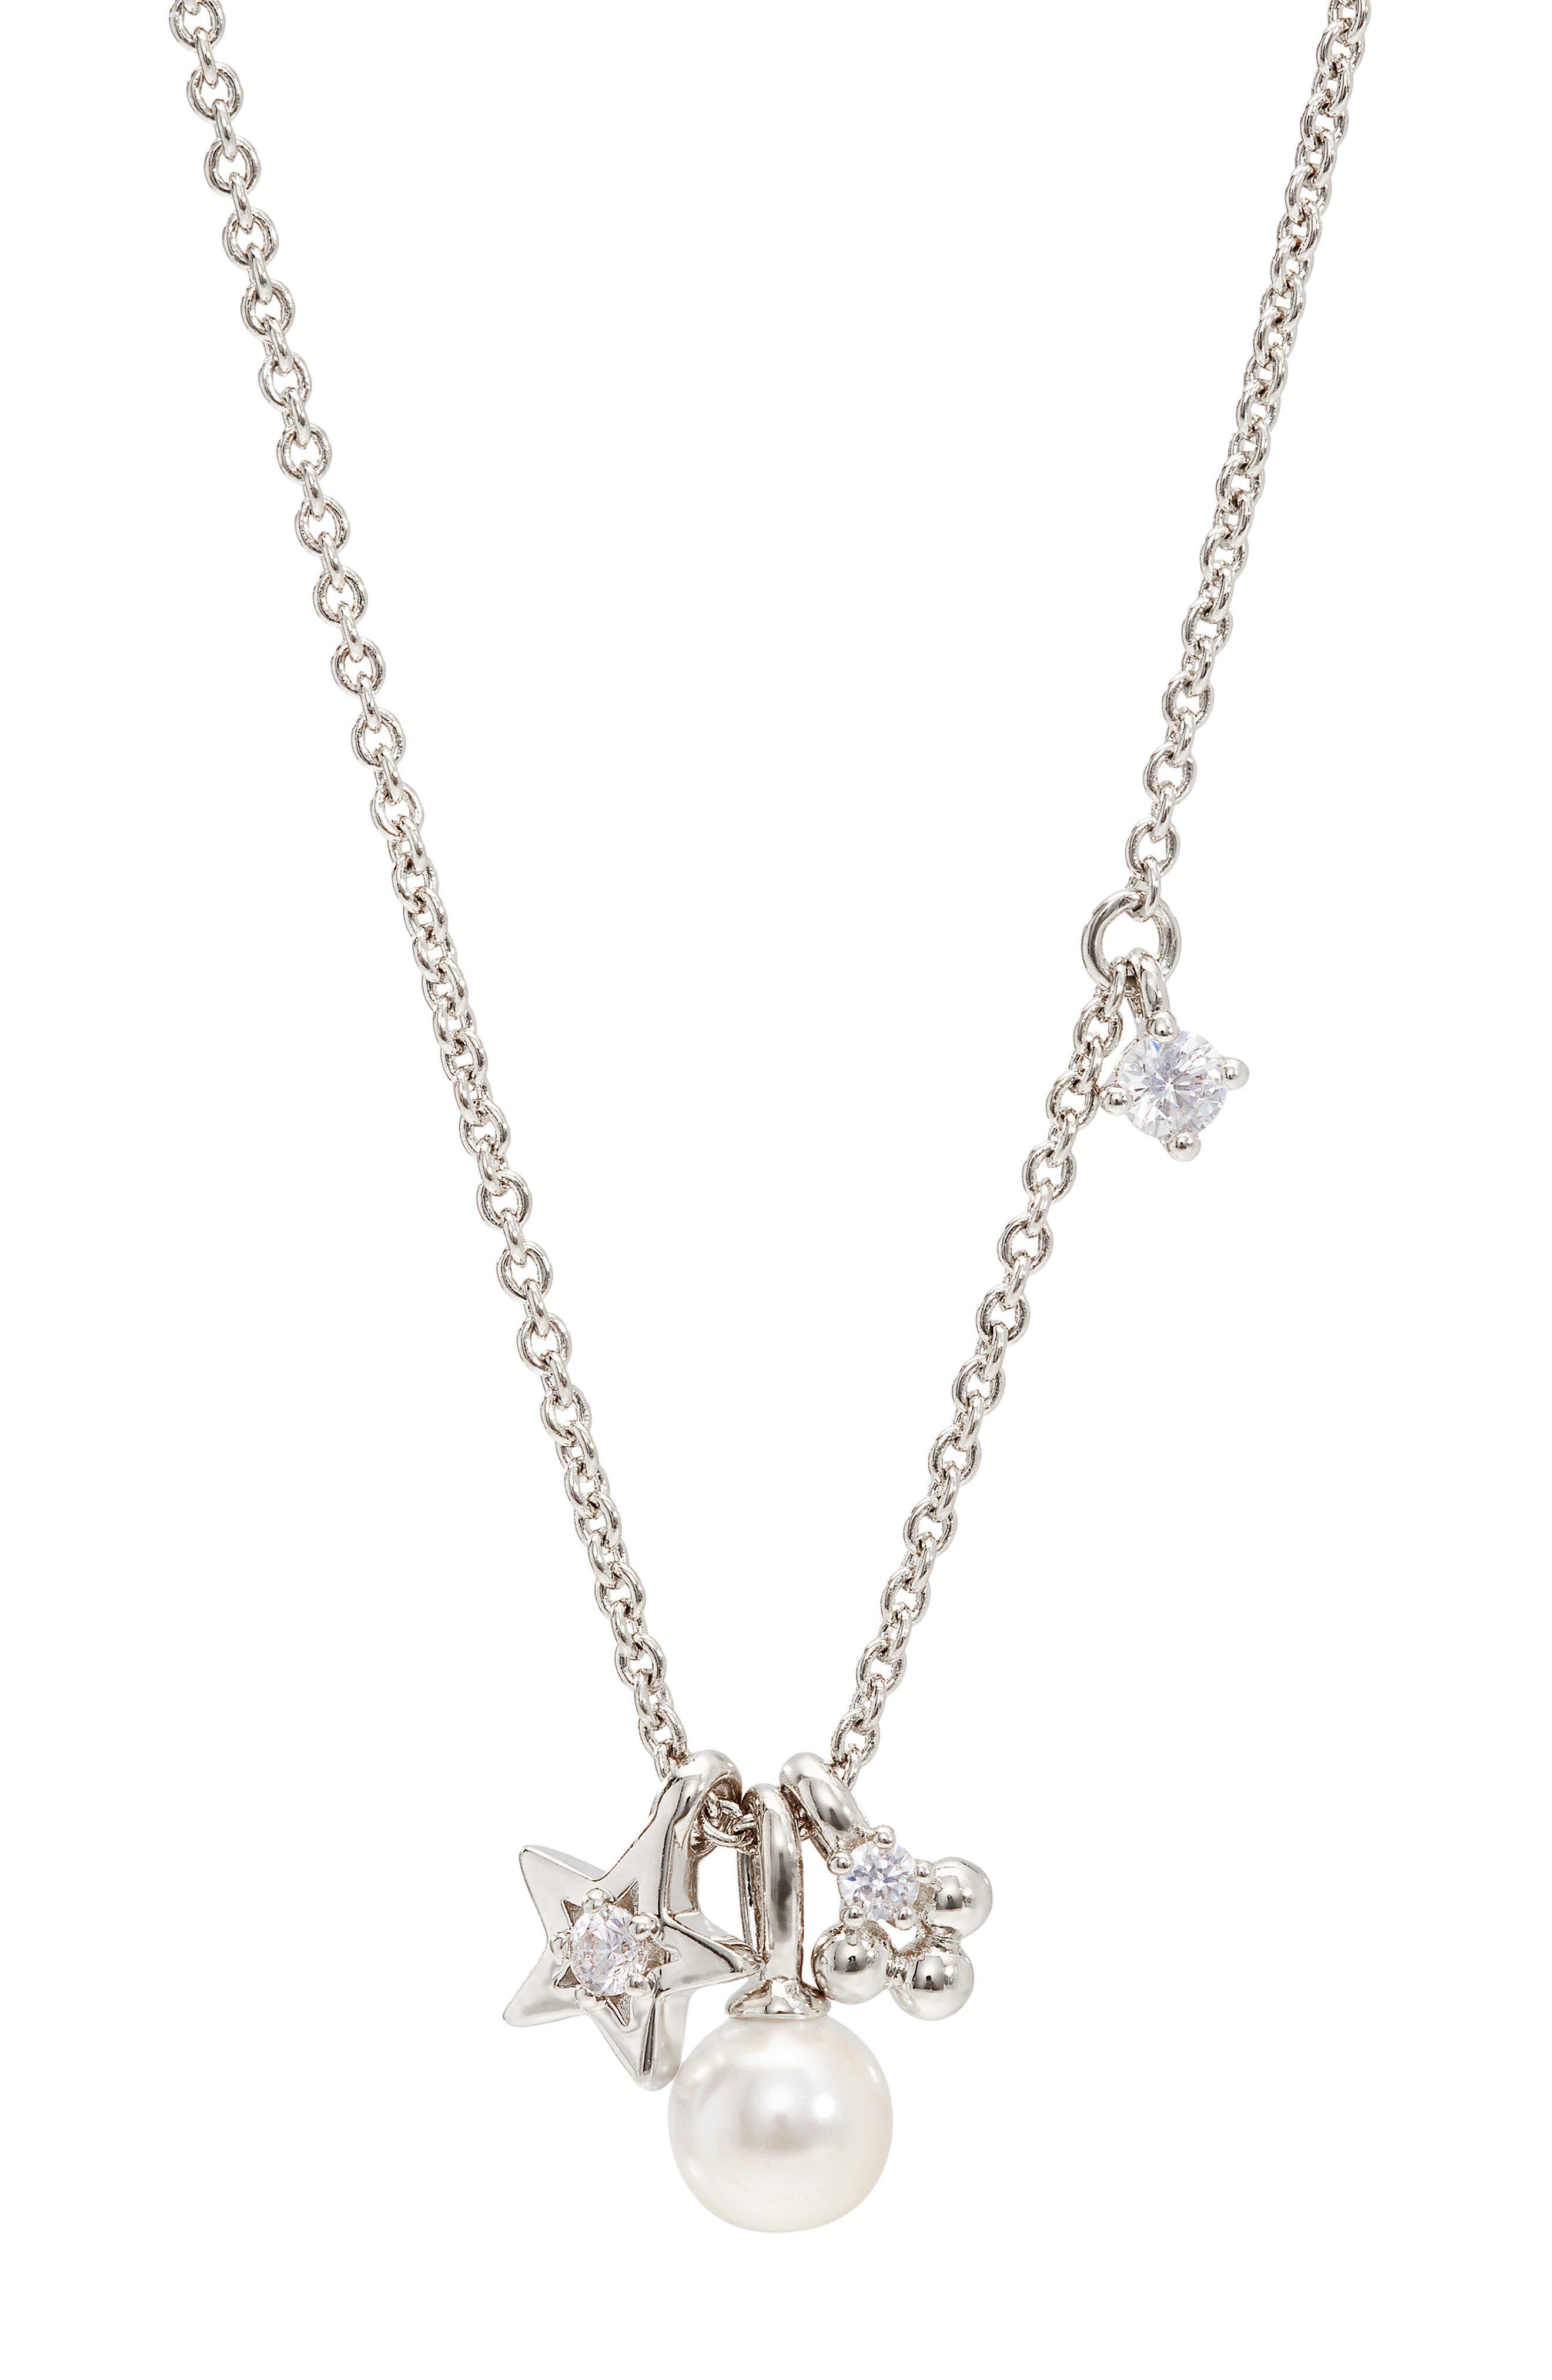 Triple Charm Pendant Necklace